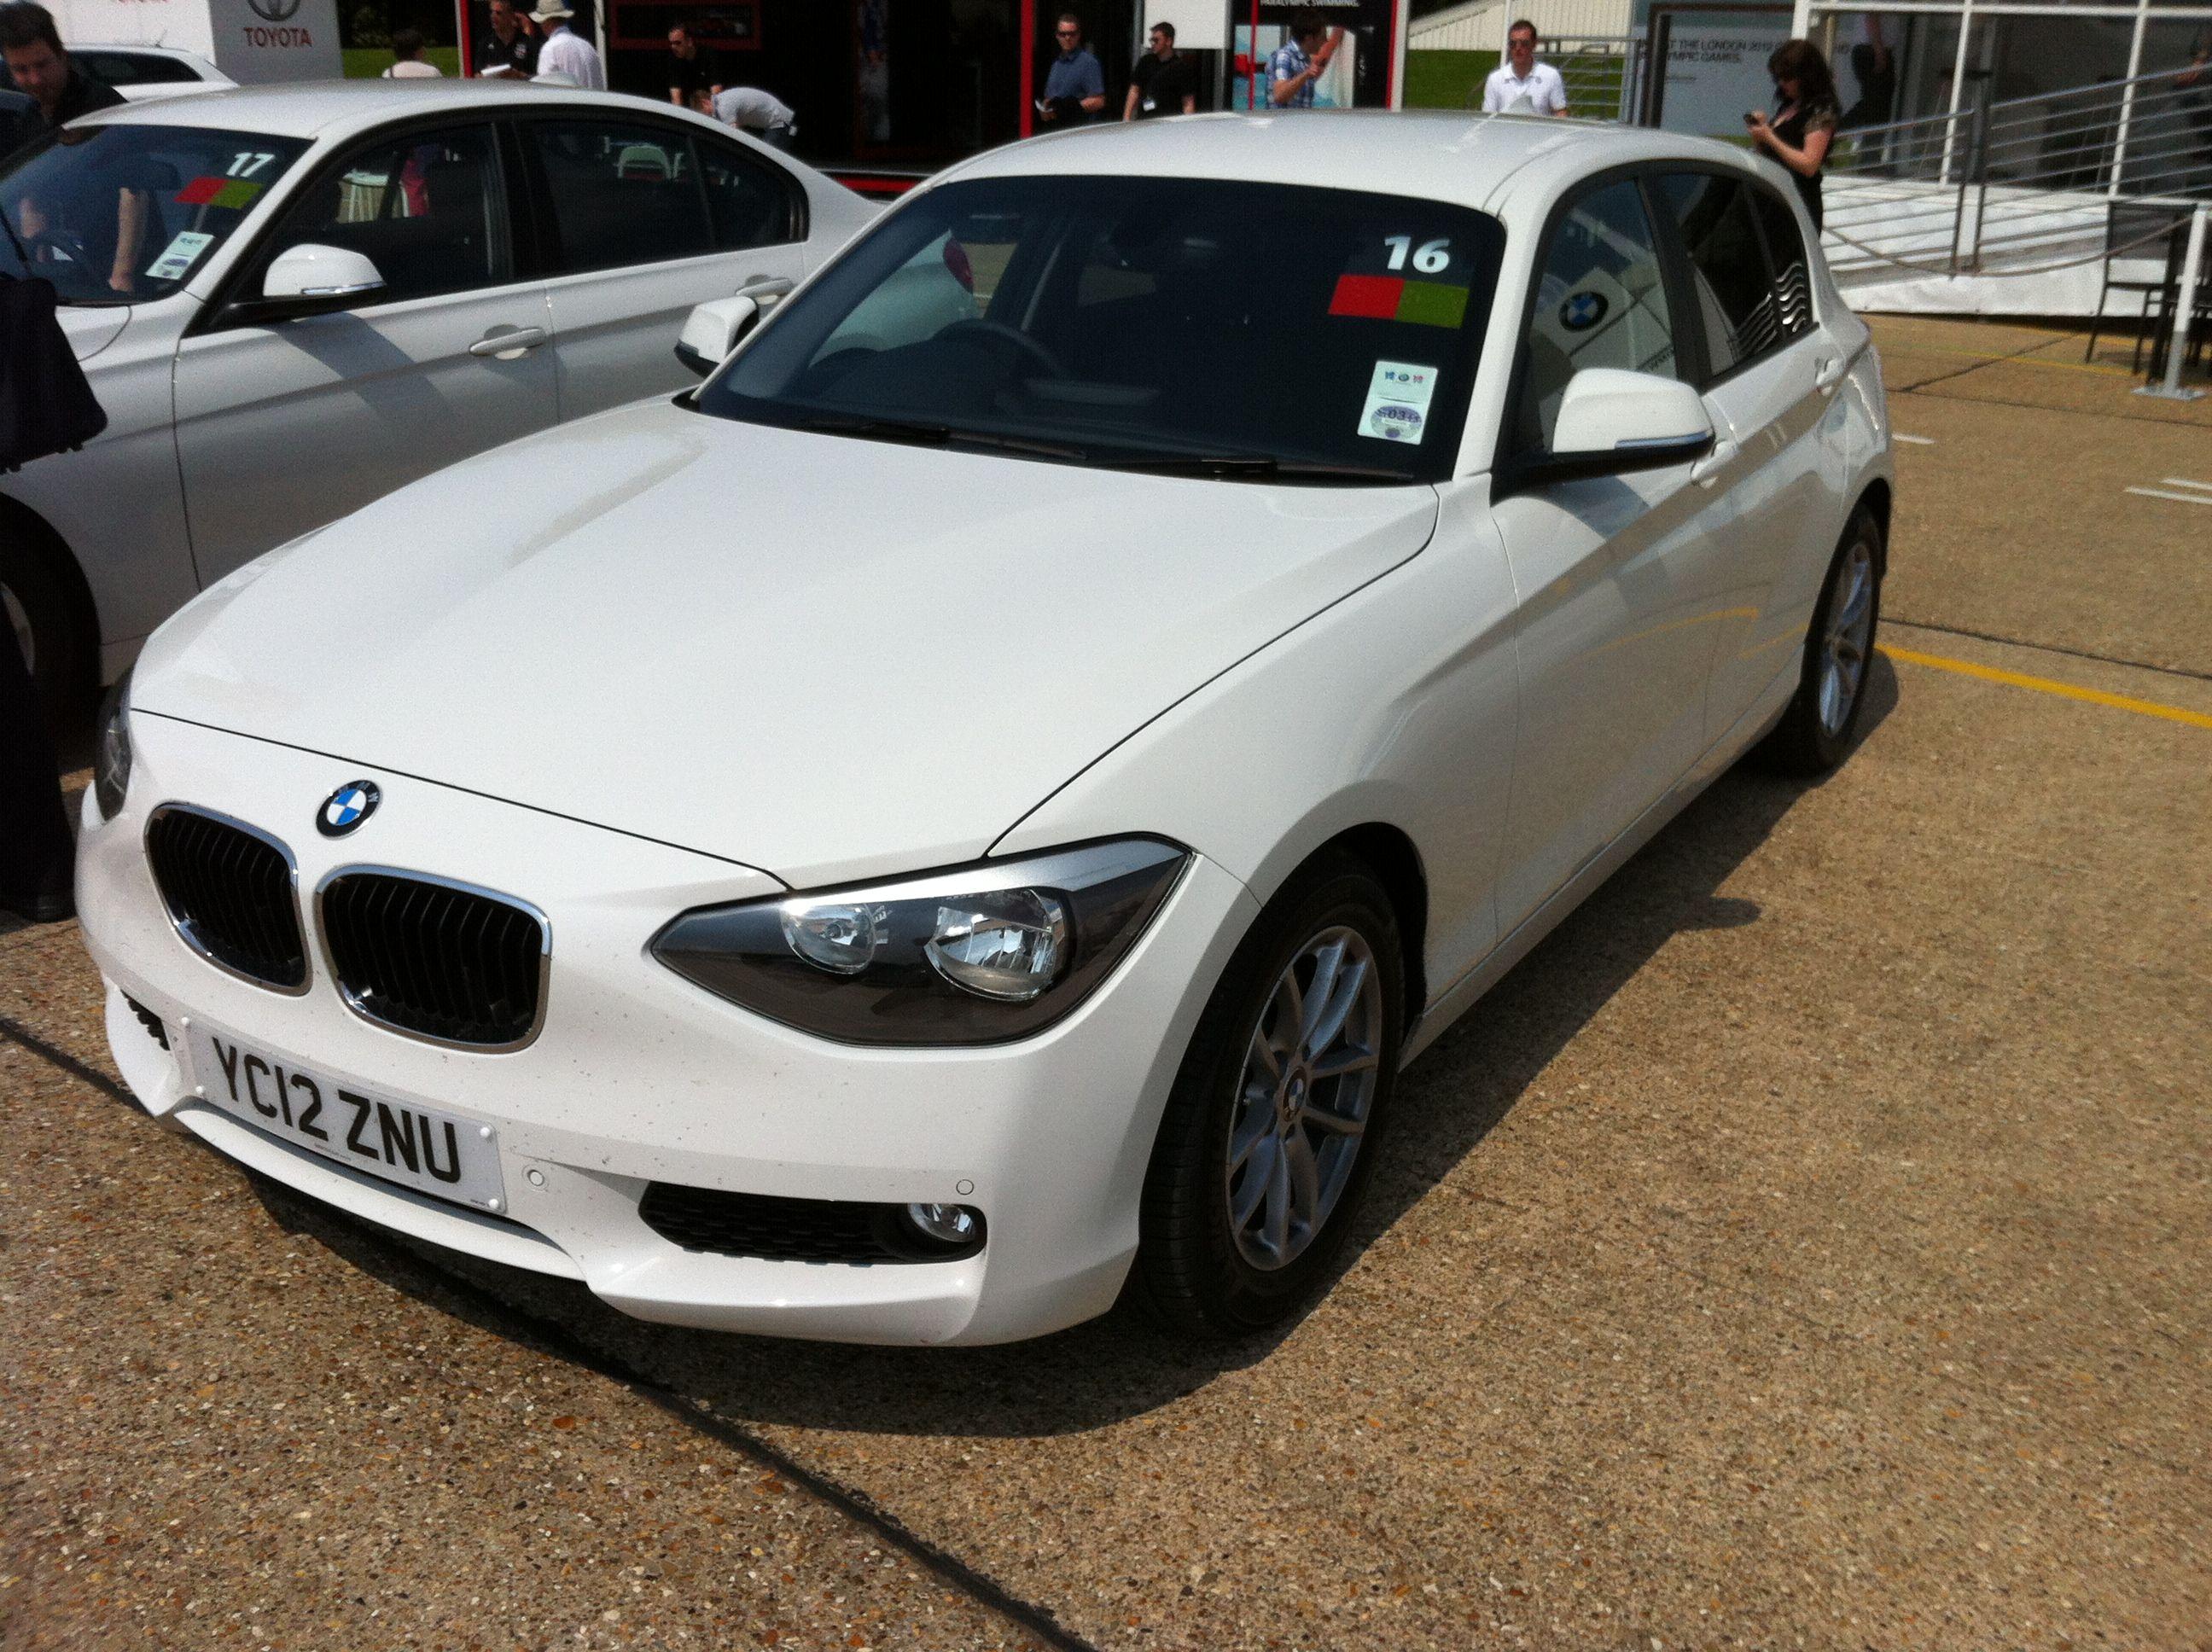 BMW 118d 5dr hatchback Vehicle Pinterest